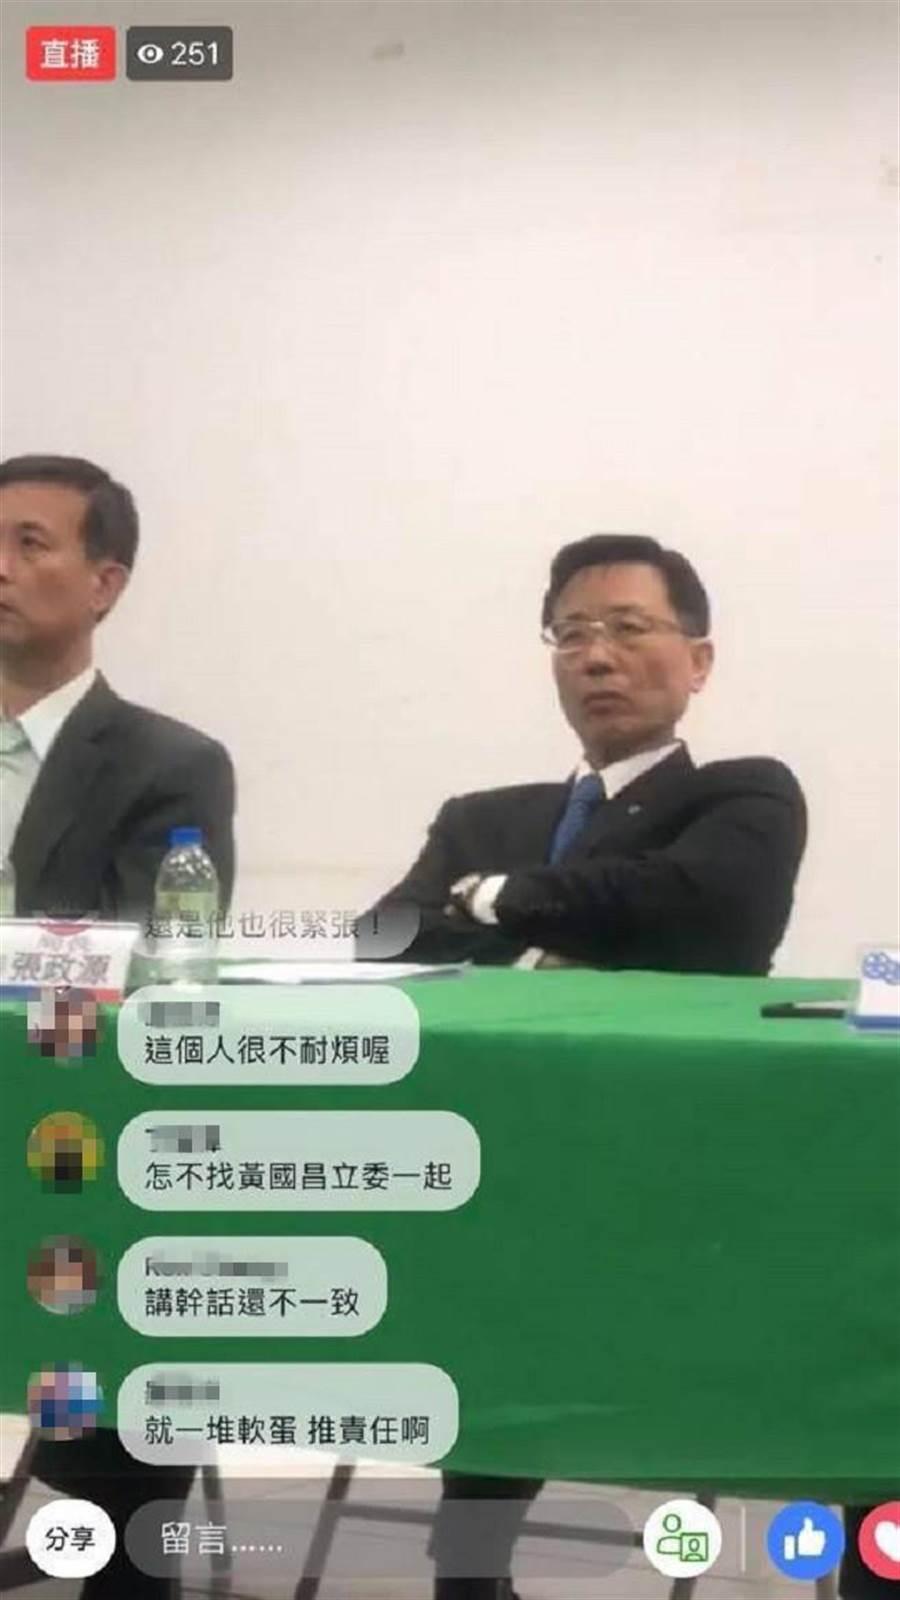 家屬貼出現場張政源雙手抱胸,疑似不耐煩的照片。(翻攝自爆怨公社)